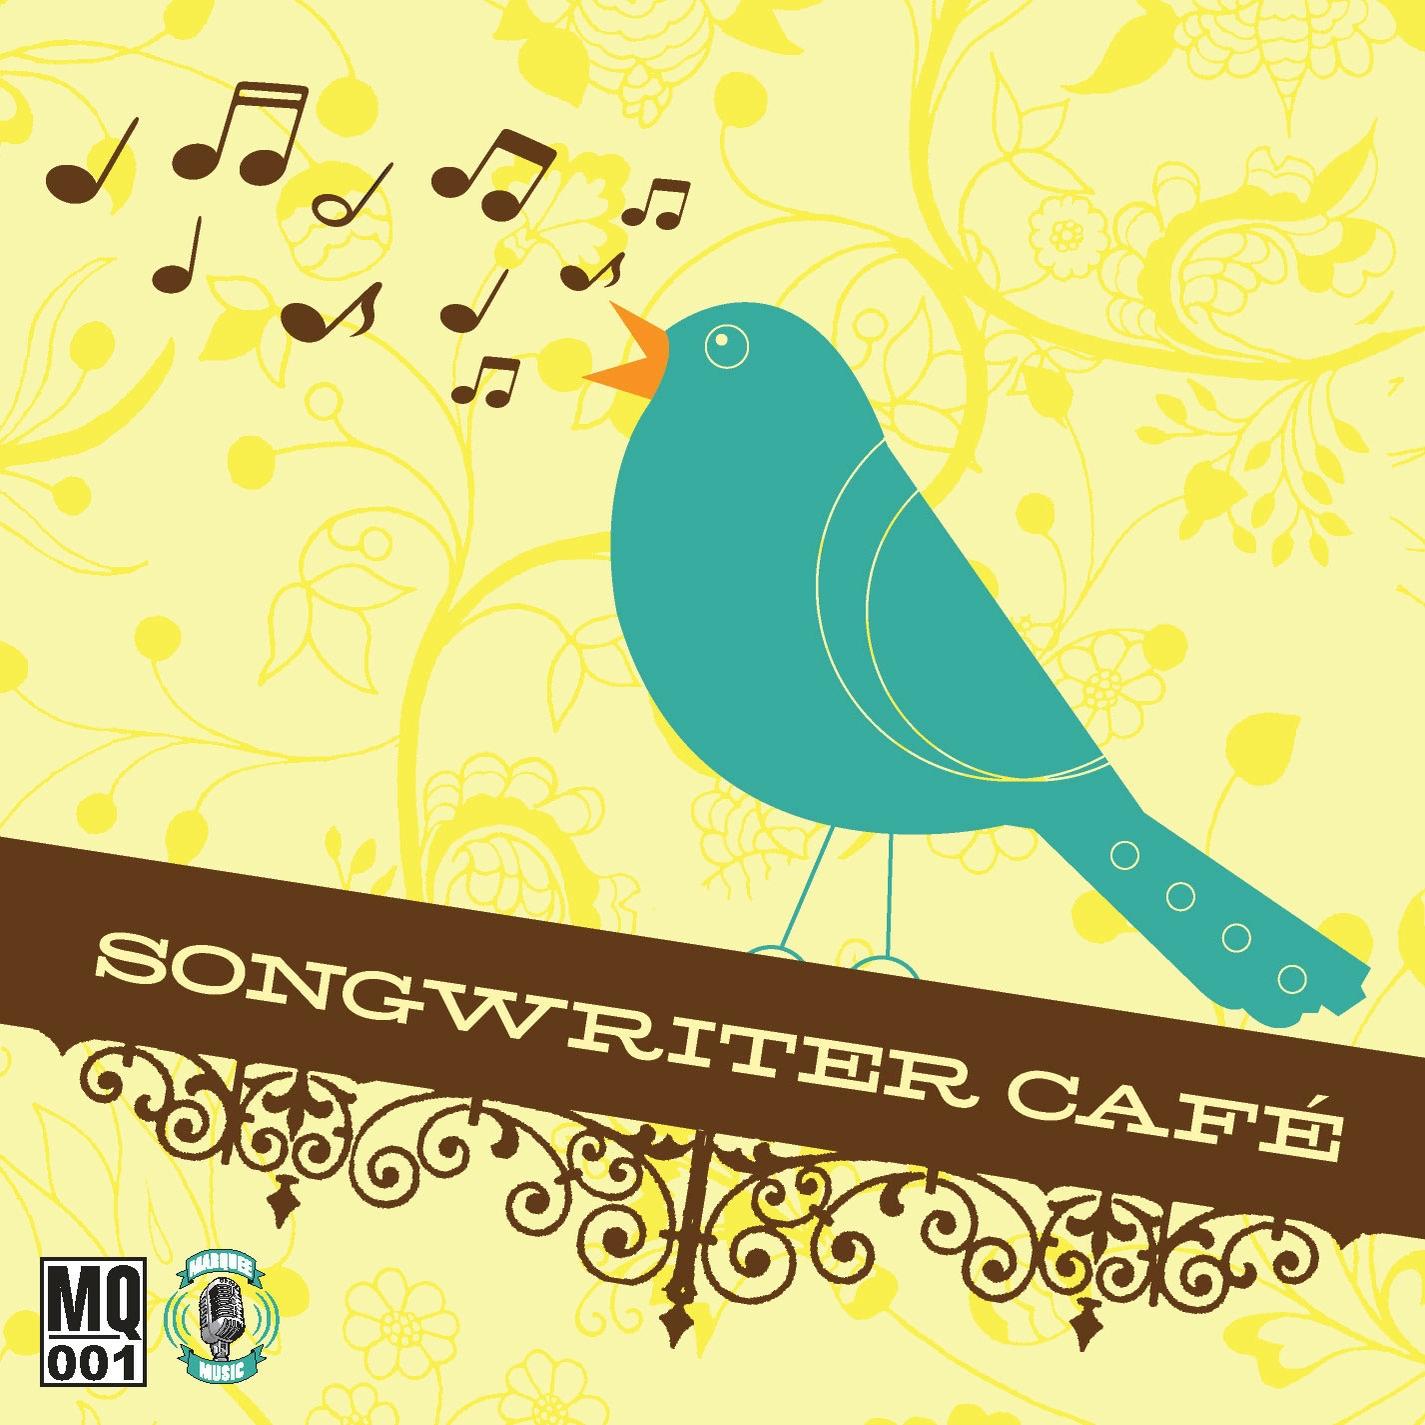 Songwriter Café